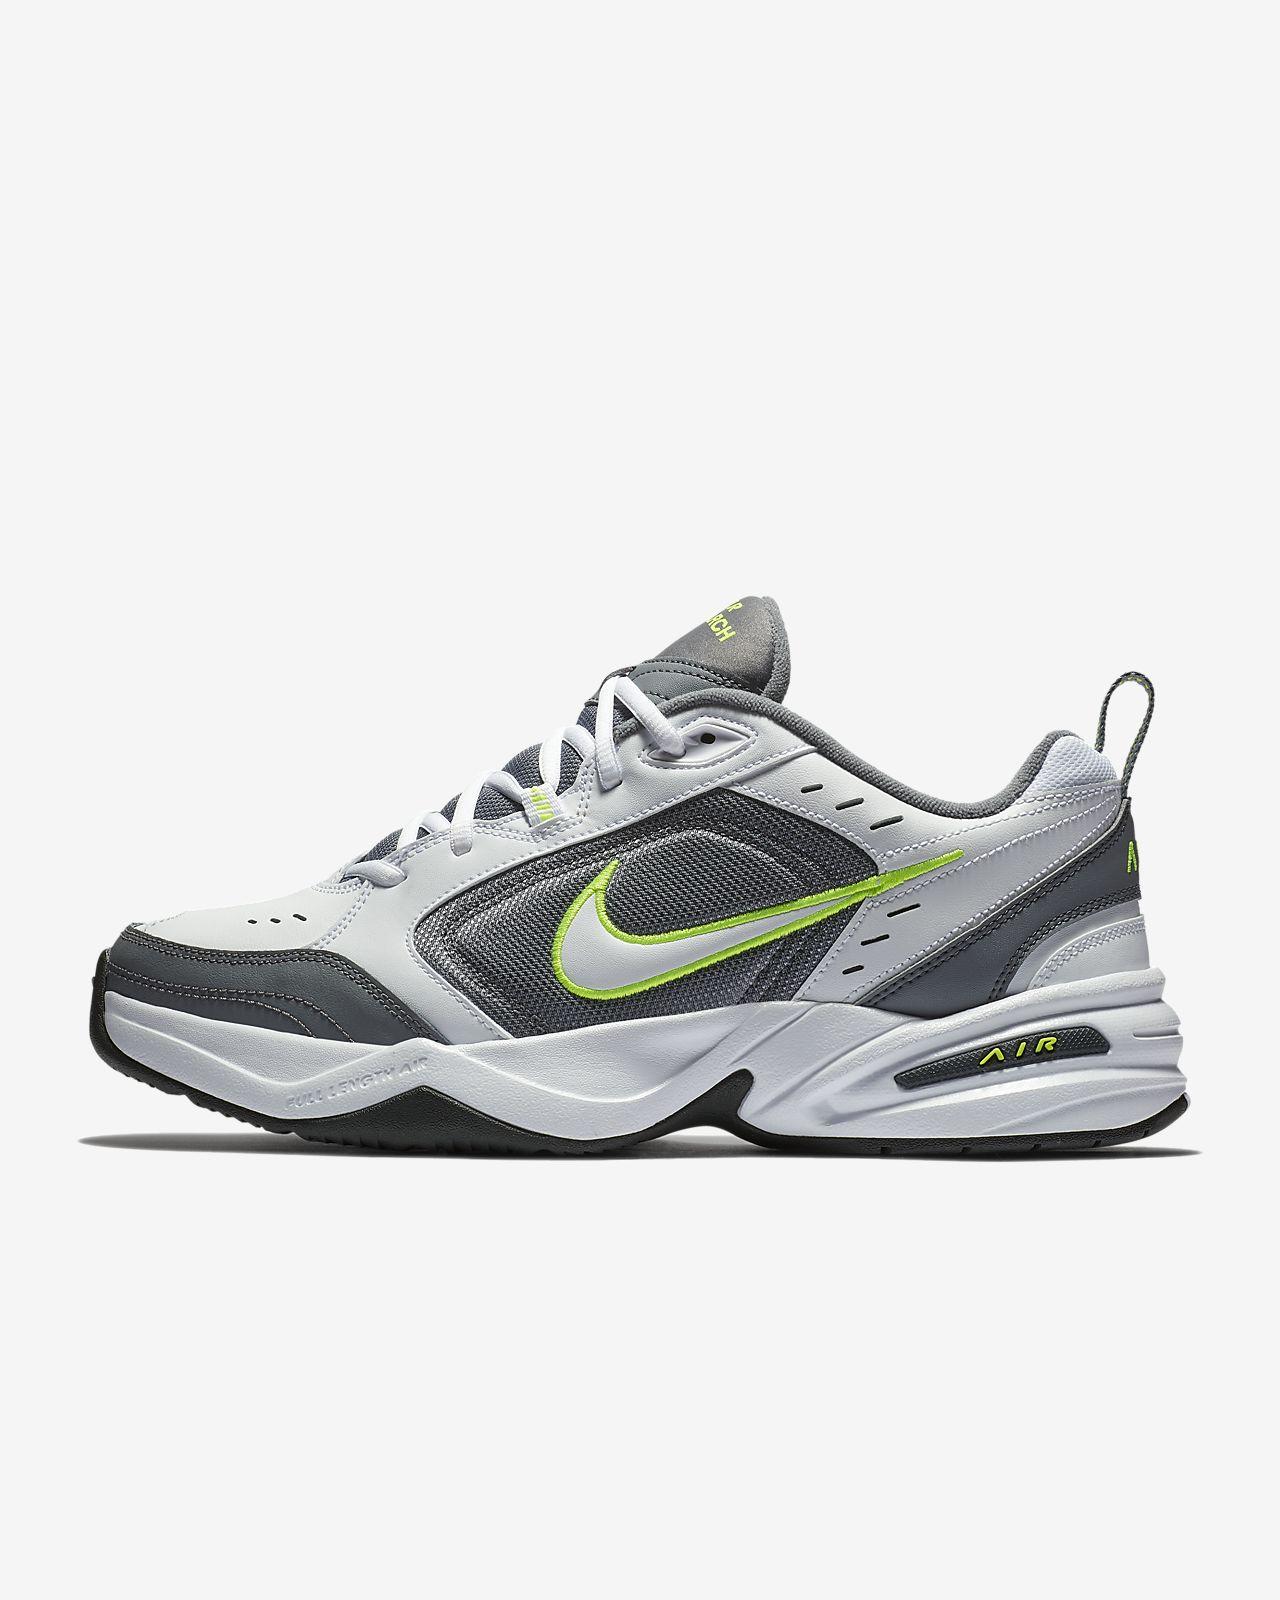 a01169398e4e0 Calzado de gimnasio y estilo de vida Nike Air Monarch IV. Nike.com CL